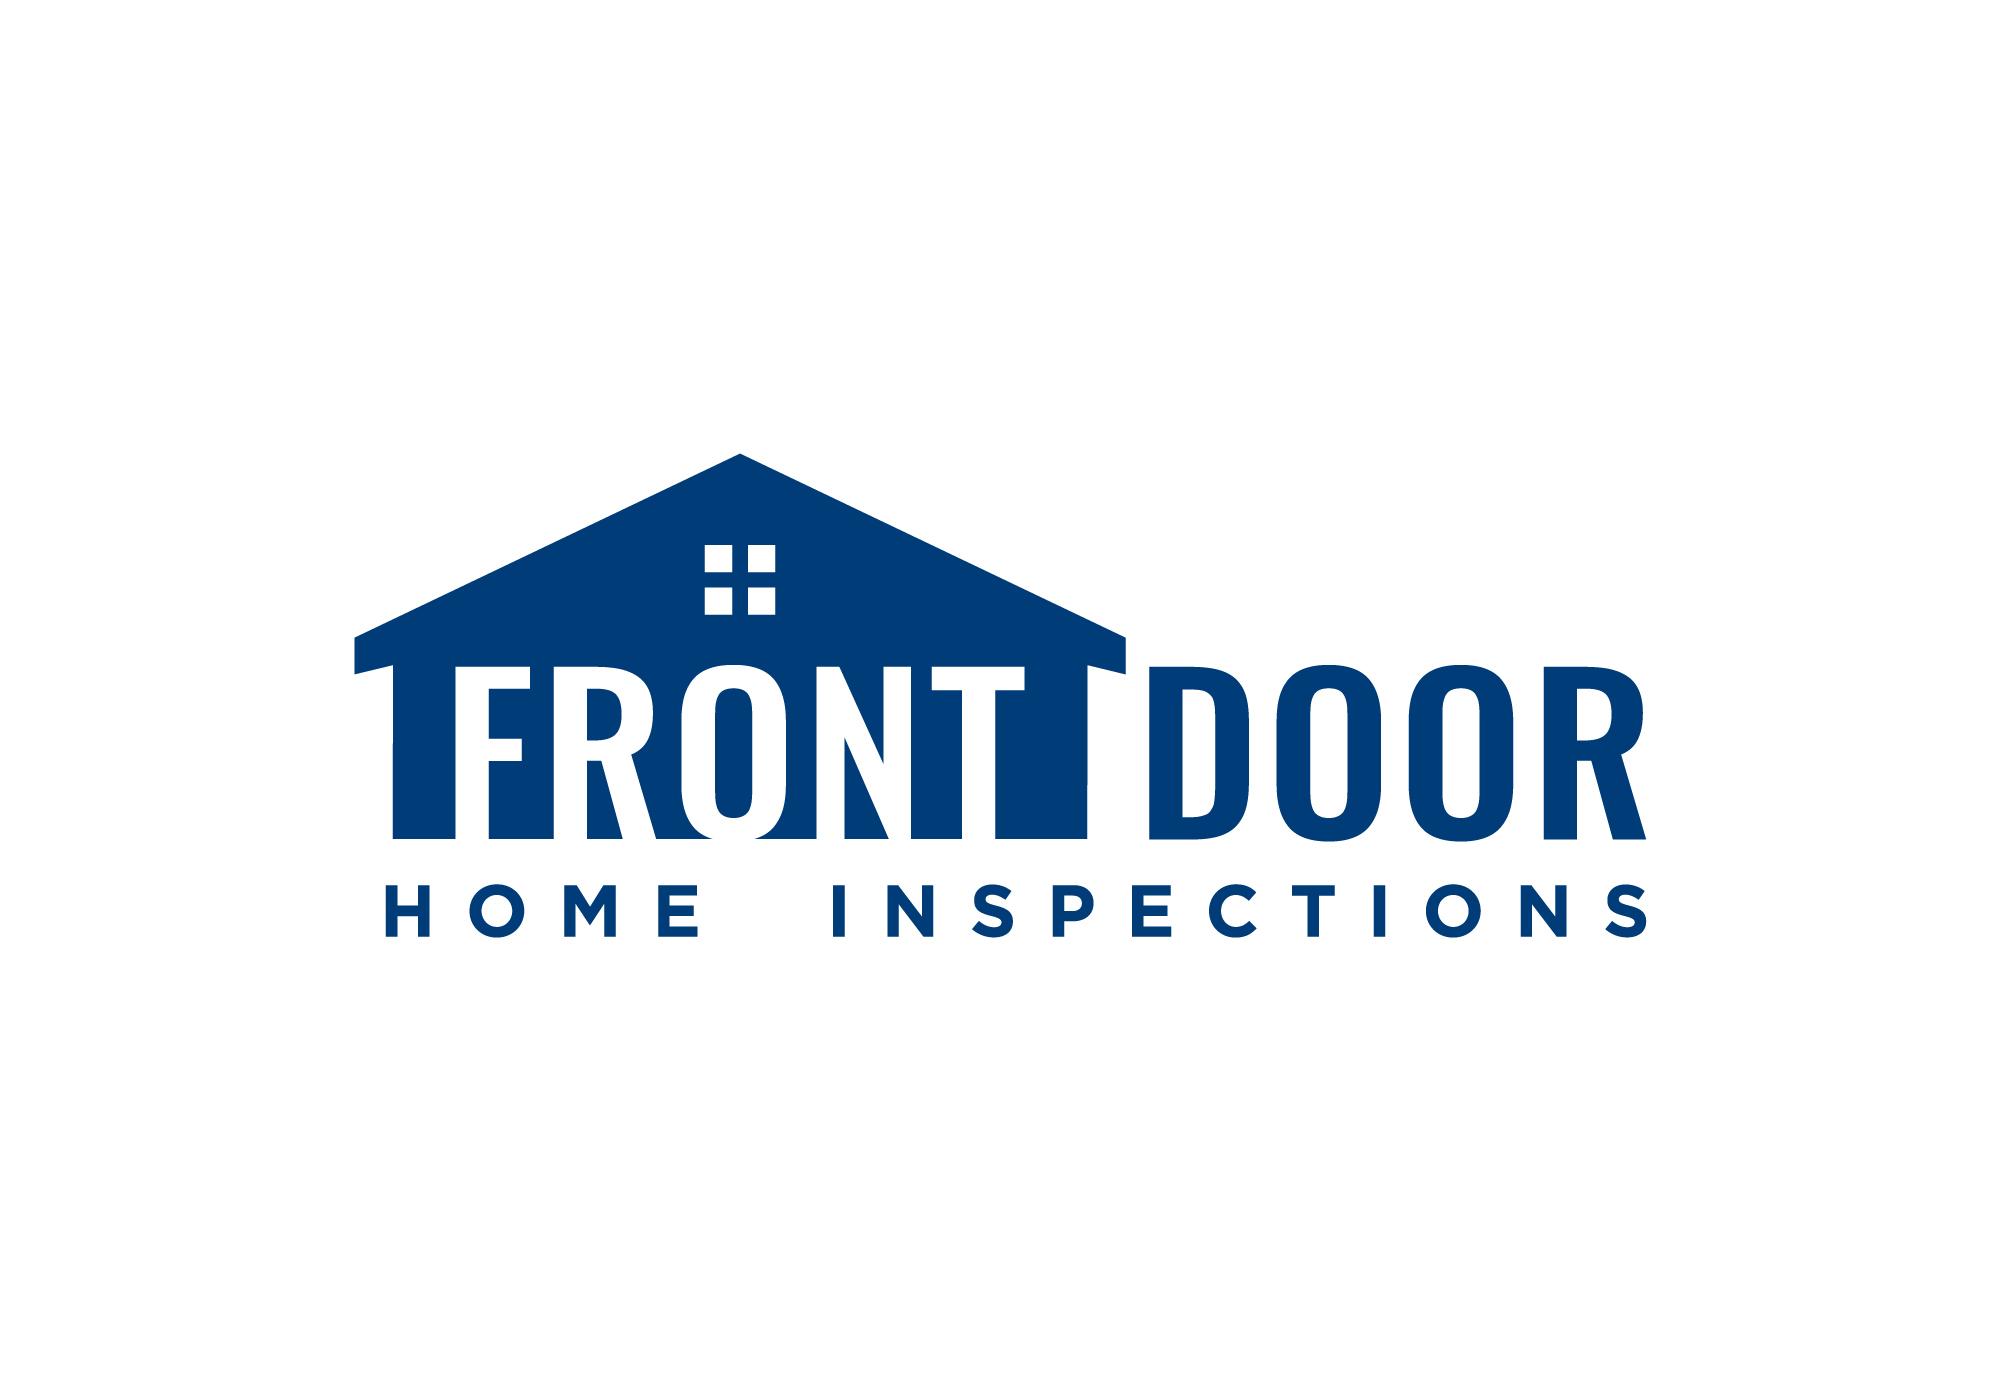 Front door home inspections logo1 5